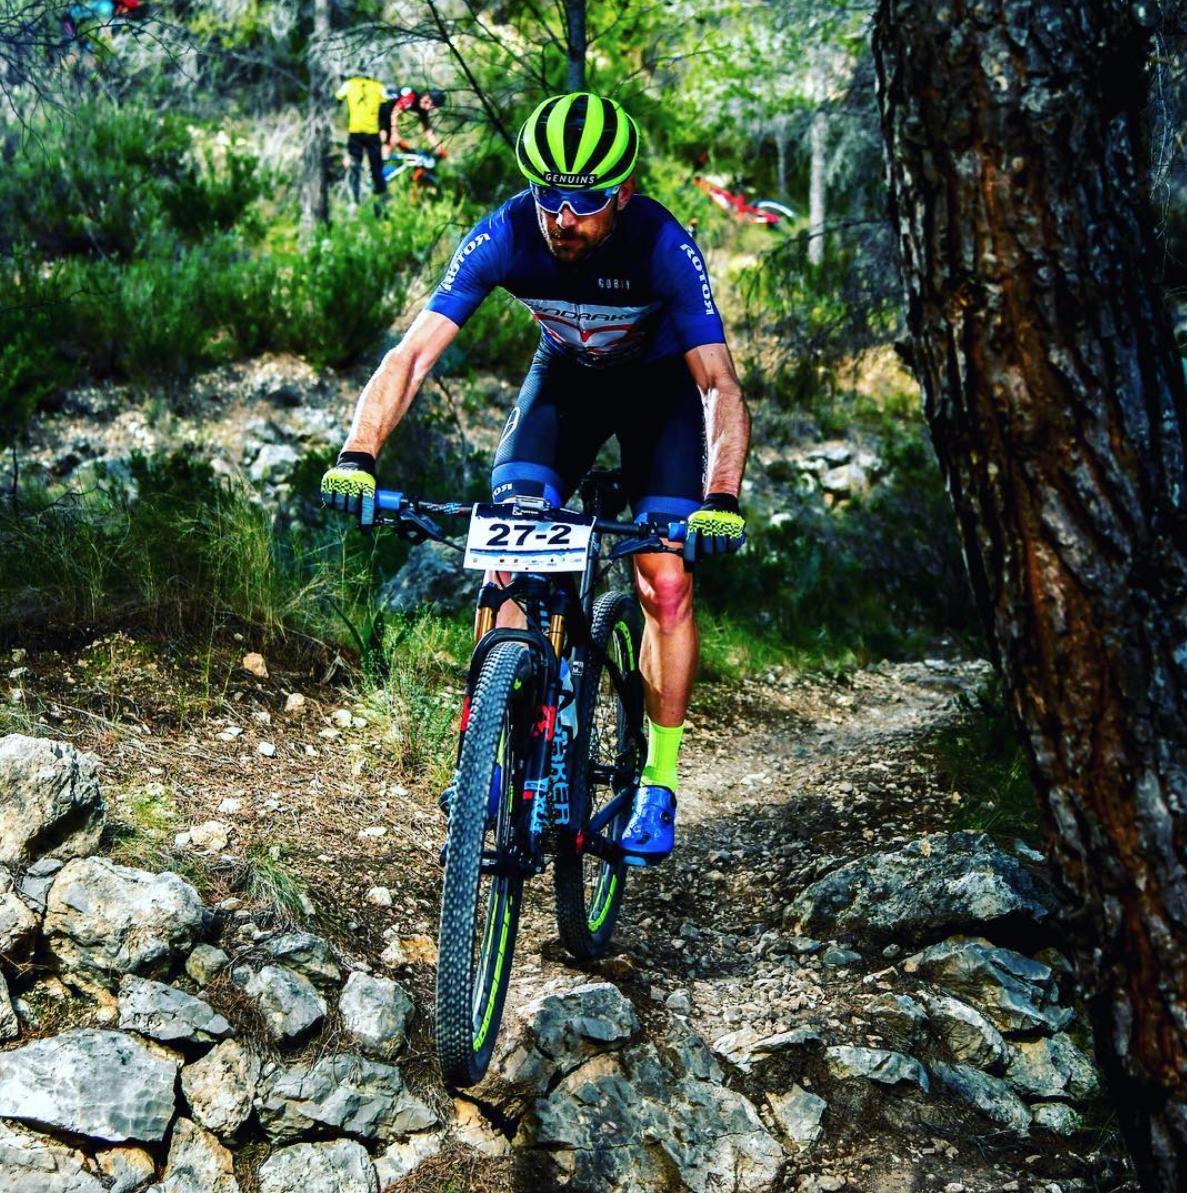 🚲 Nueva aventura para la dupla maratón de PMR Racing Team. @jesusdelnero y @davidarroyito estarán este domingo en @MojaqueraMTB , prueba que se disputa en Mojácar (Almería), muy cerquita de la casa de @Primaflor. ¡Suerte a los dos!